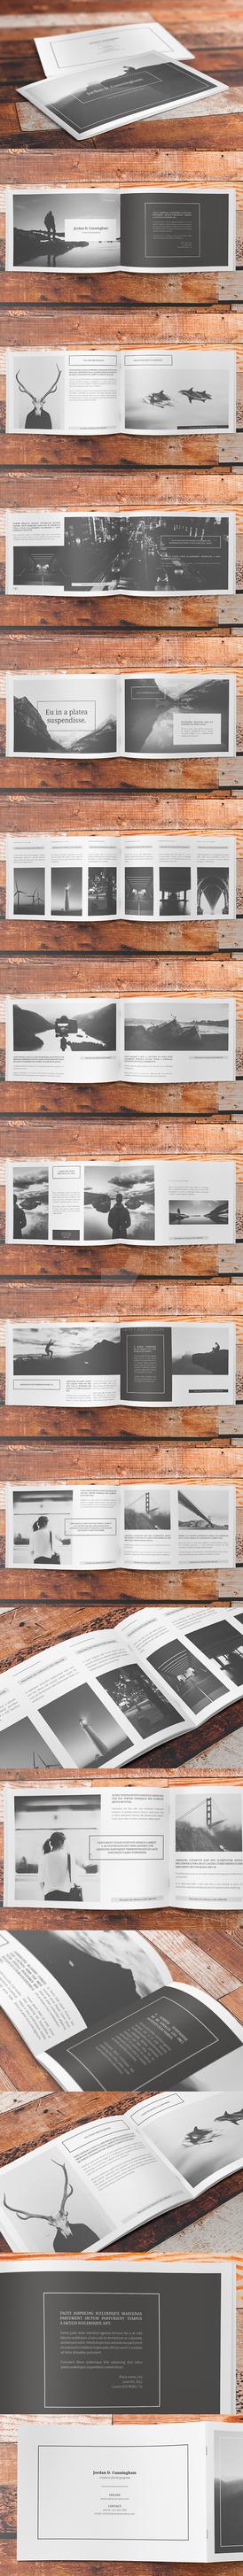 Minimalfolio 6 Photography Portfolio A4 Brochure by env1ro